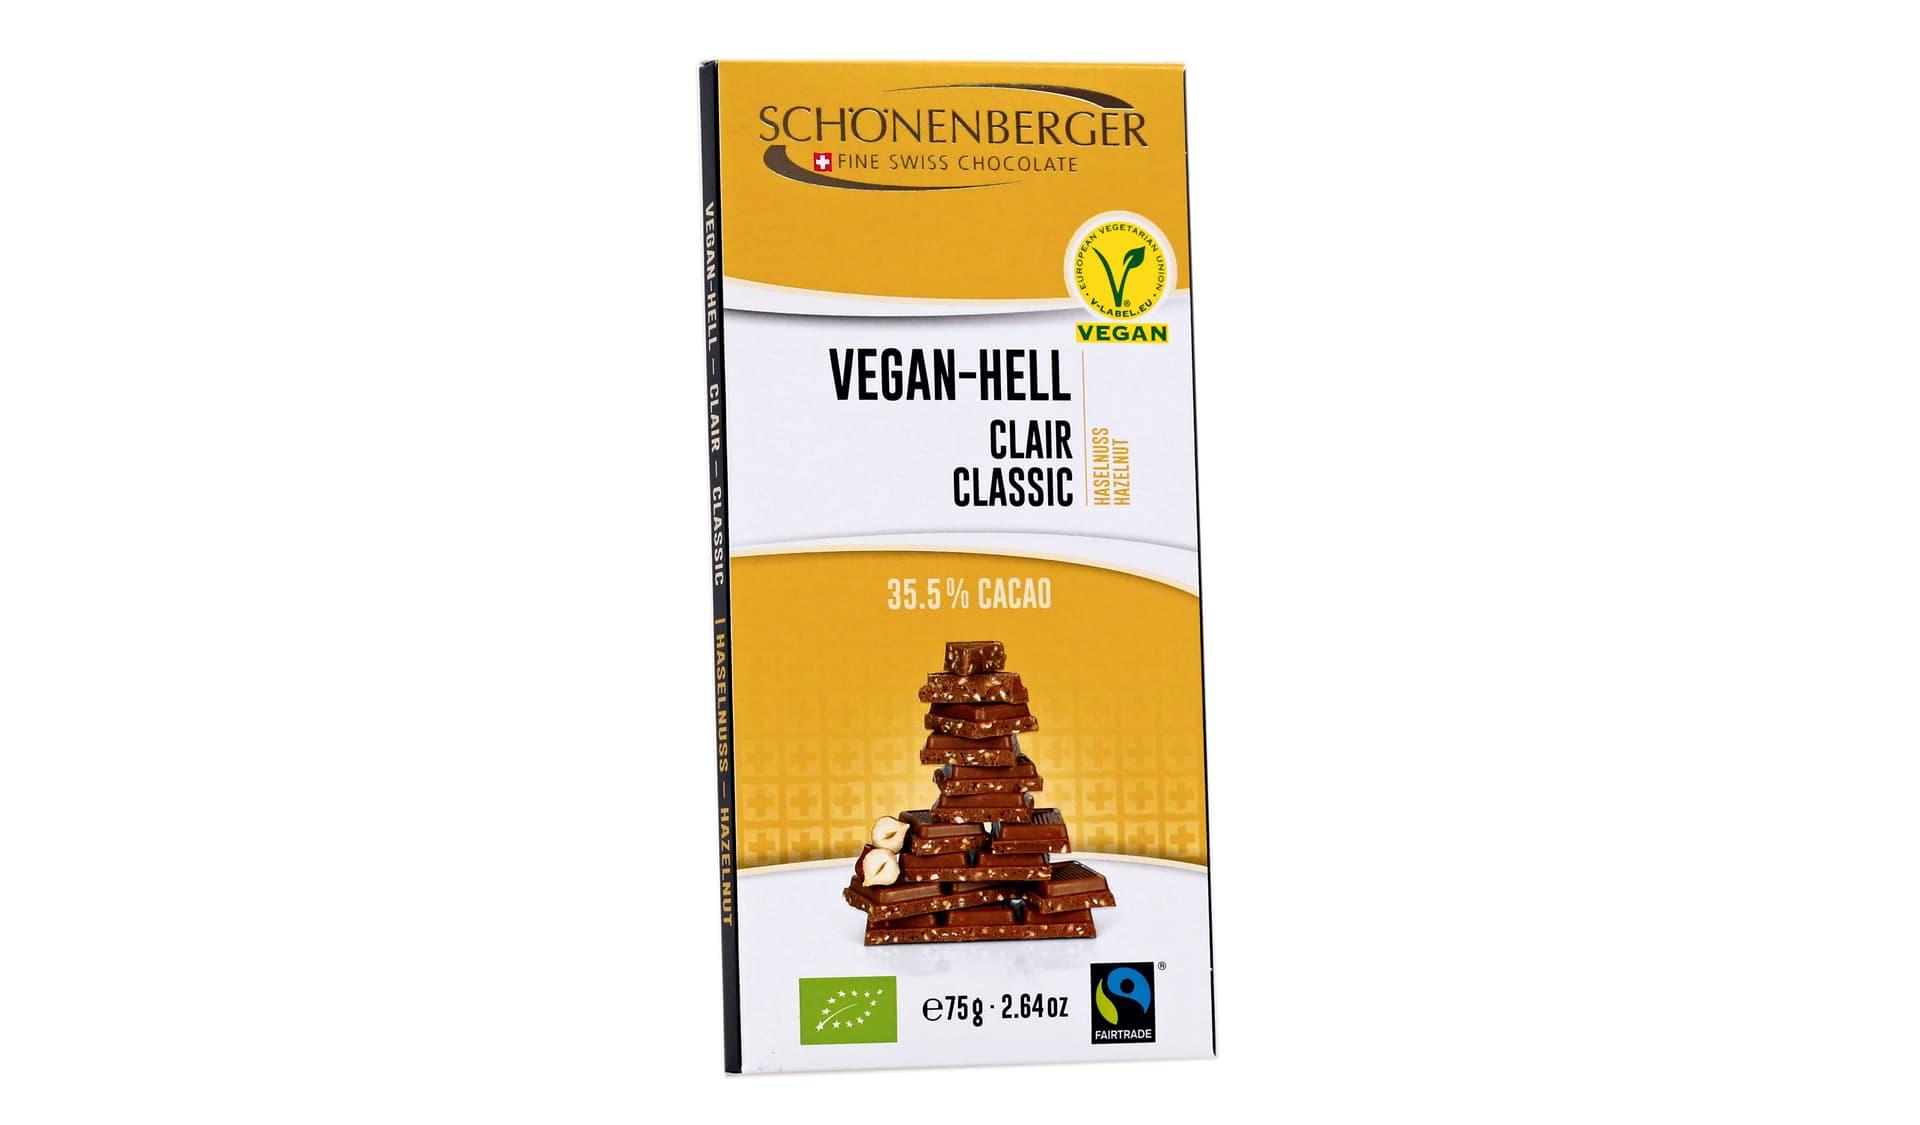 Schönenberger Vegan-Hell, Haselnuss (www.schoenenberger-choco.ch)